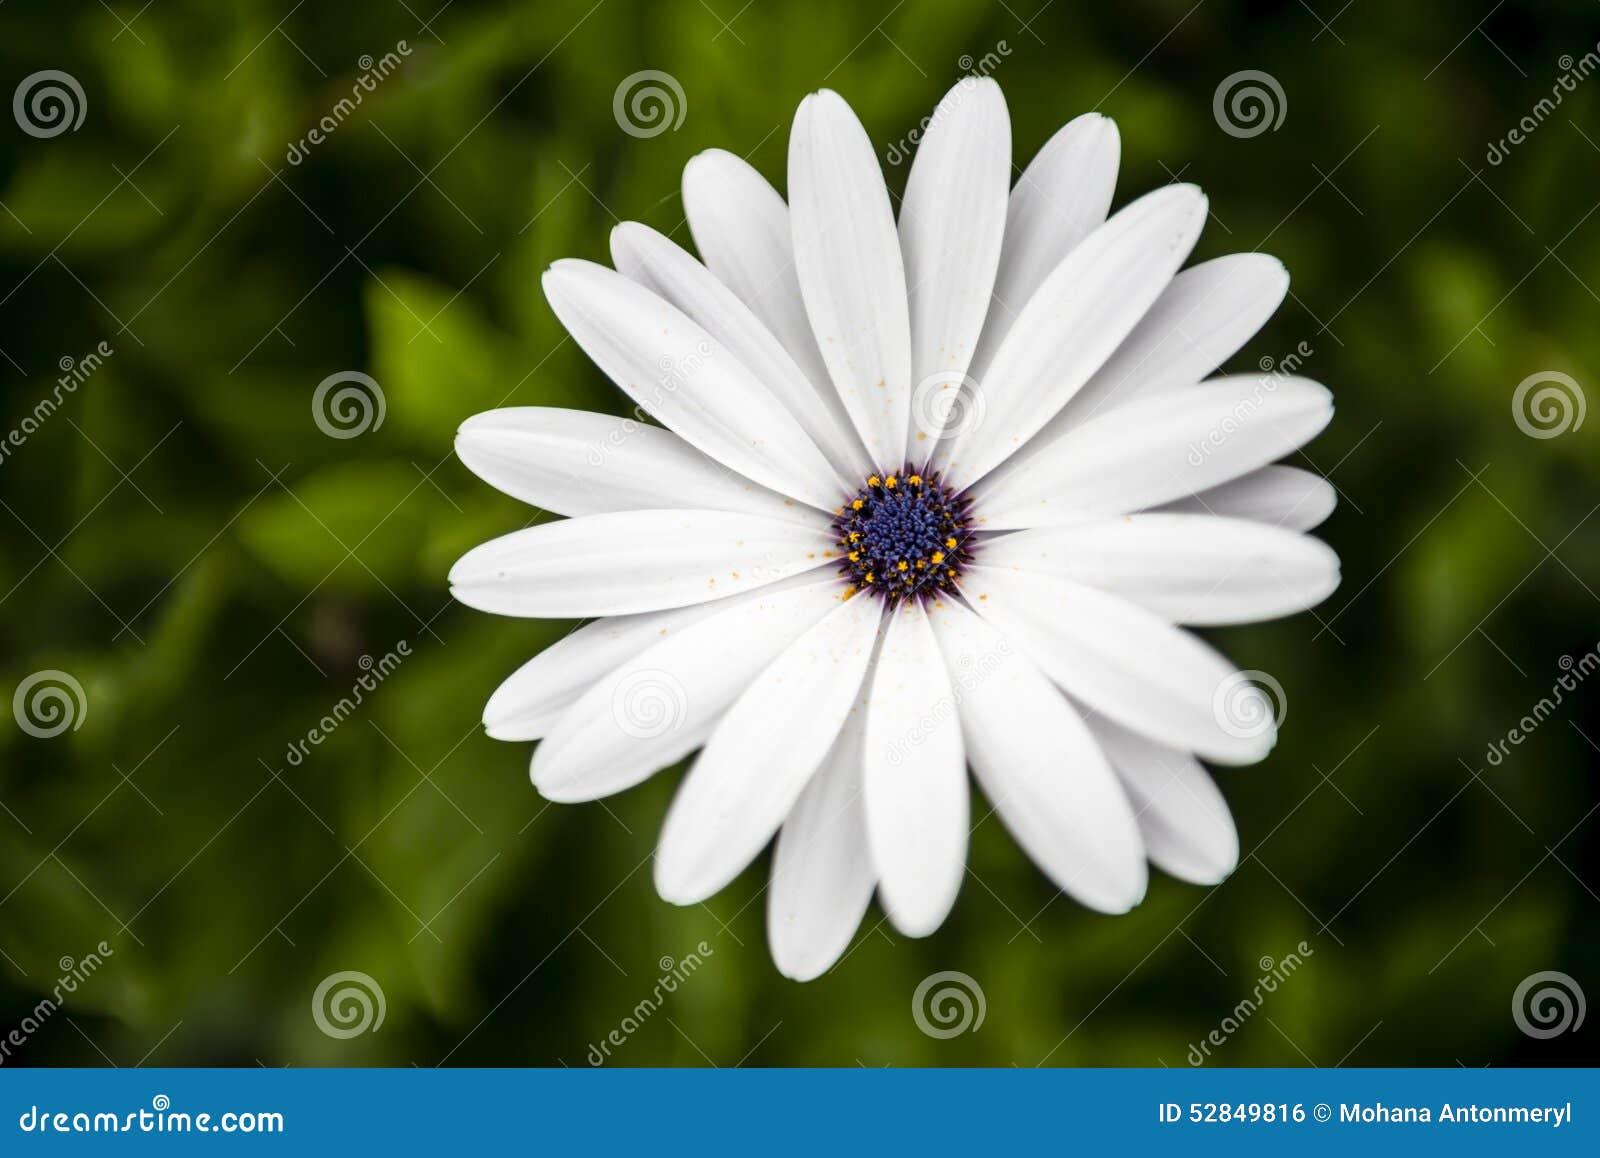 Belle fleur blanche et pourpre dans le jardin photo stock for Fleurs dans le jardin